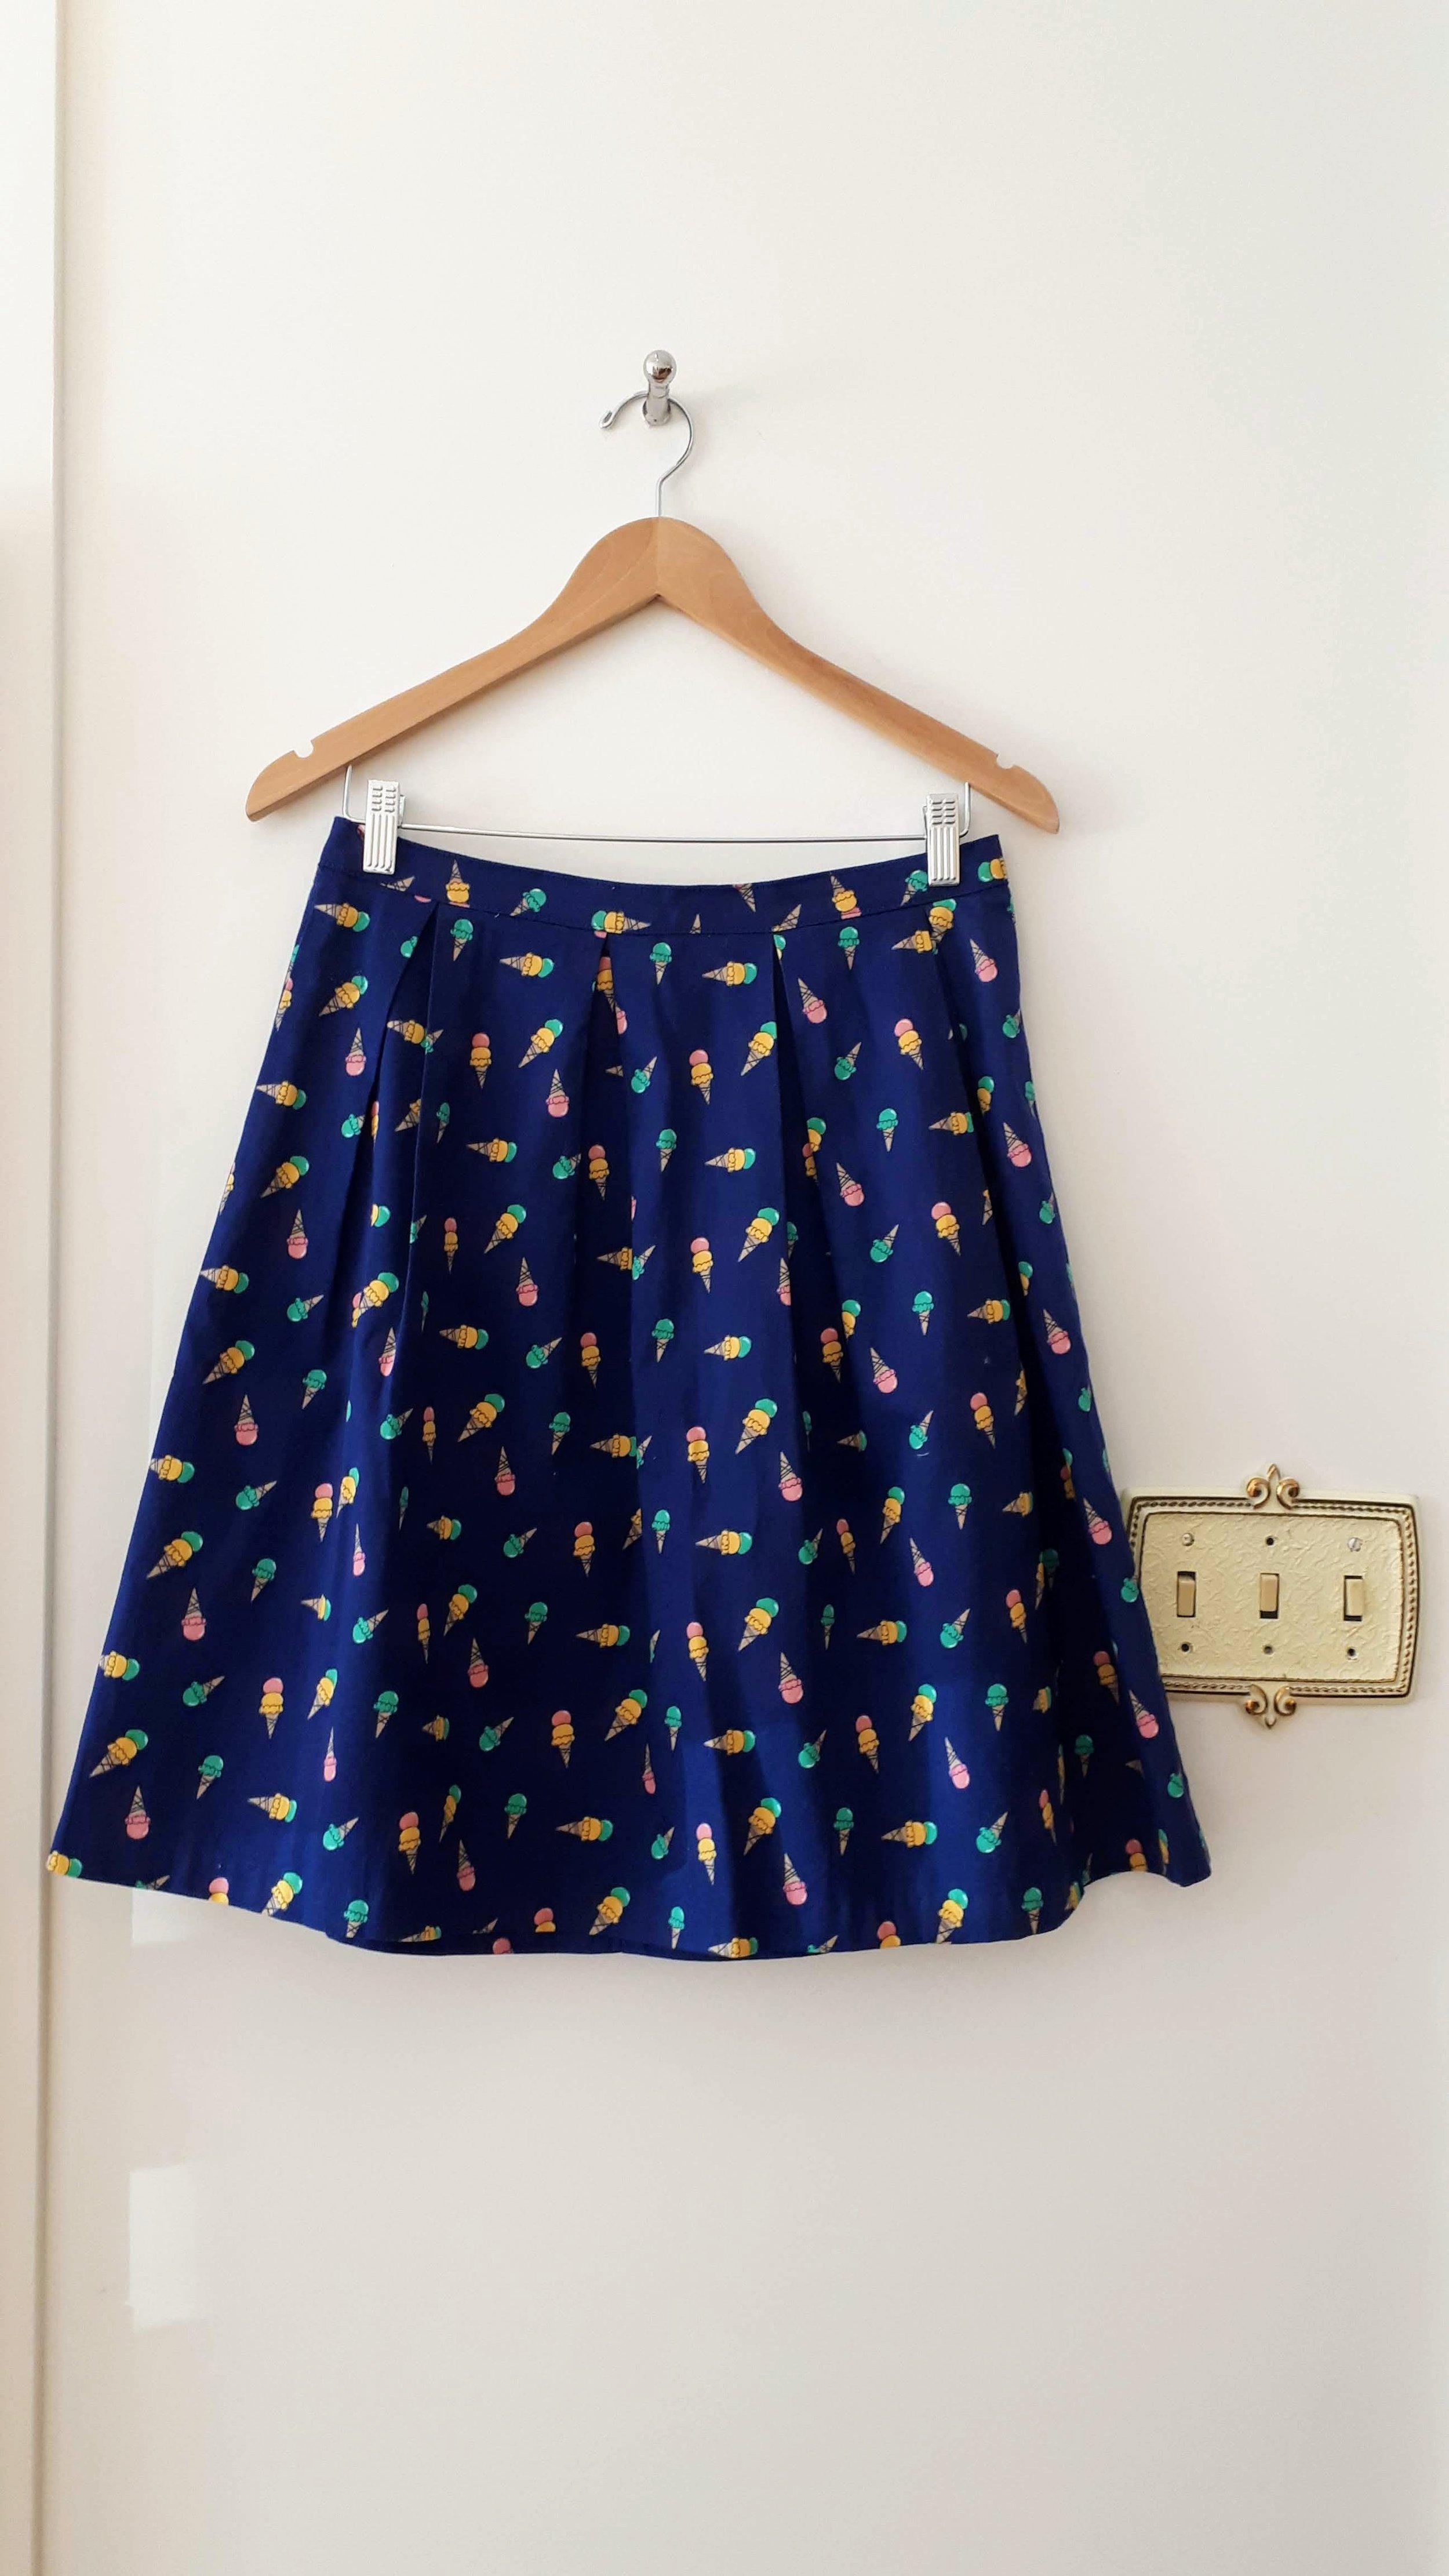 Ixia skirt; Size M, $26